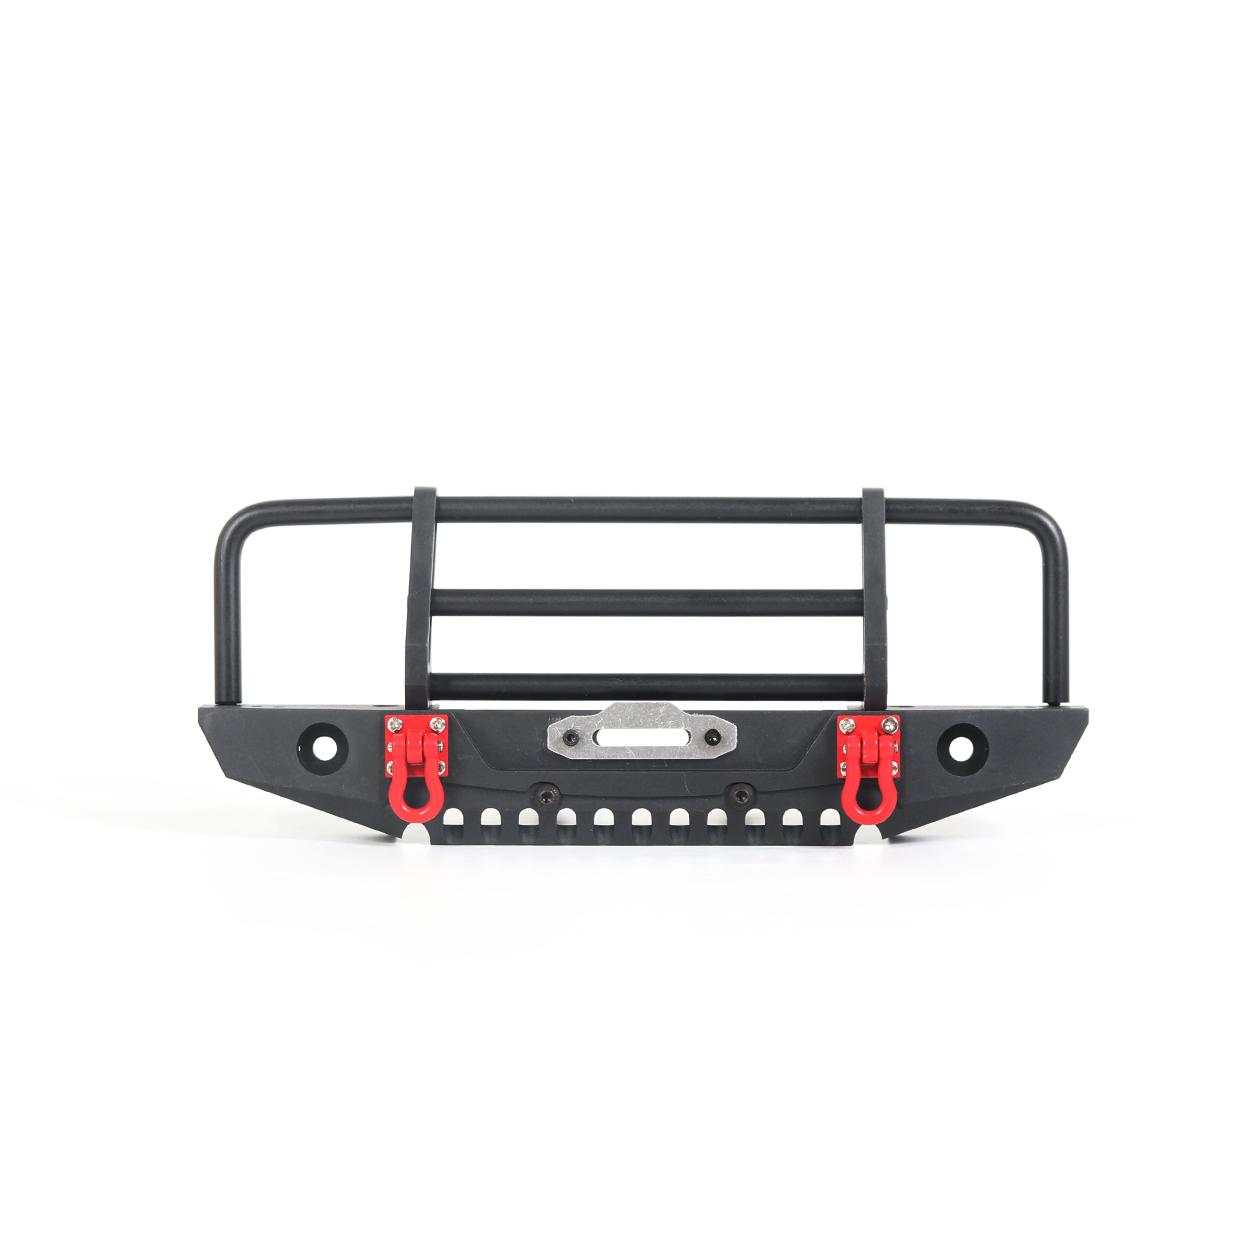 Adjustable Metal Front Bumper for 1/10 RC Crawler Traxxas TRX4 Defender Axial SCX10 SCX10 II 90046 90047 black